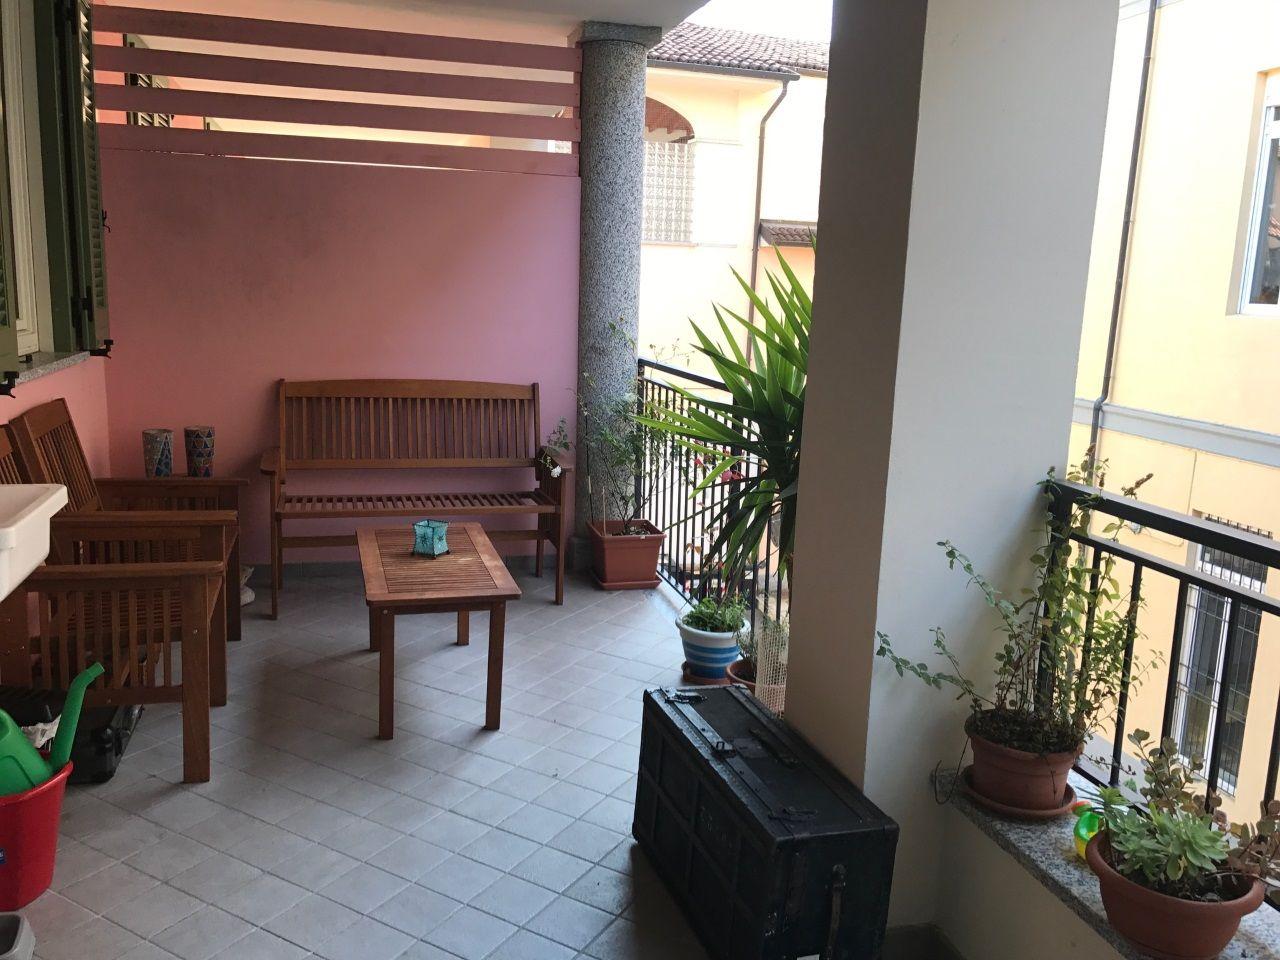 Verbania pallanza appartamento con garage e terrazzo aa2754 for Garage 30x40 con appartamento